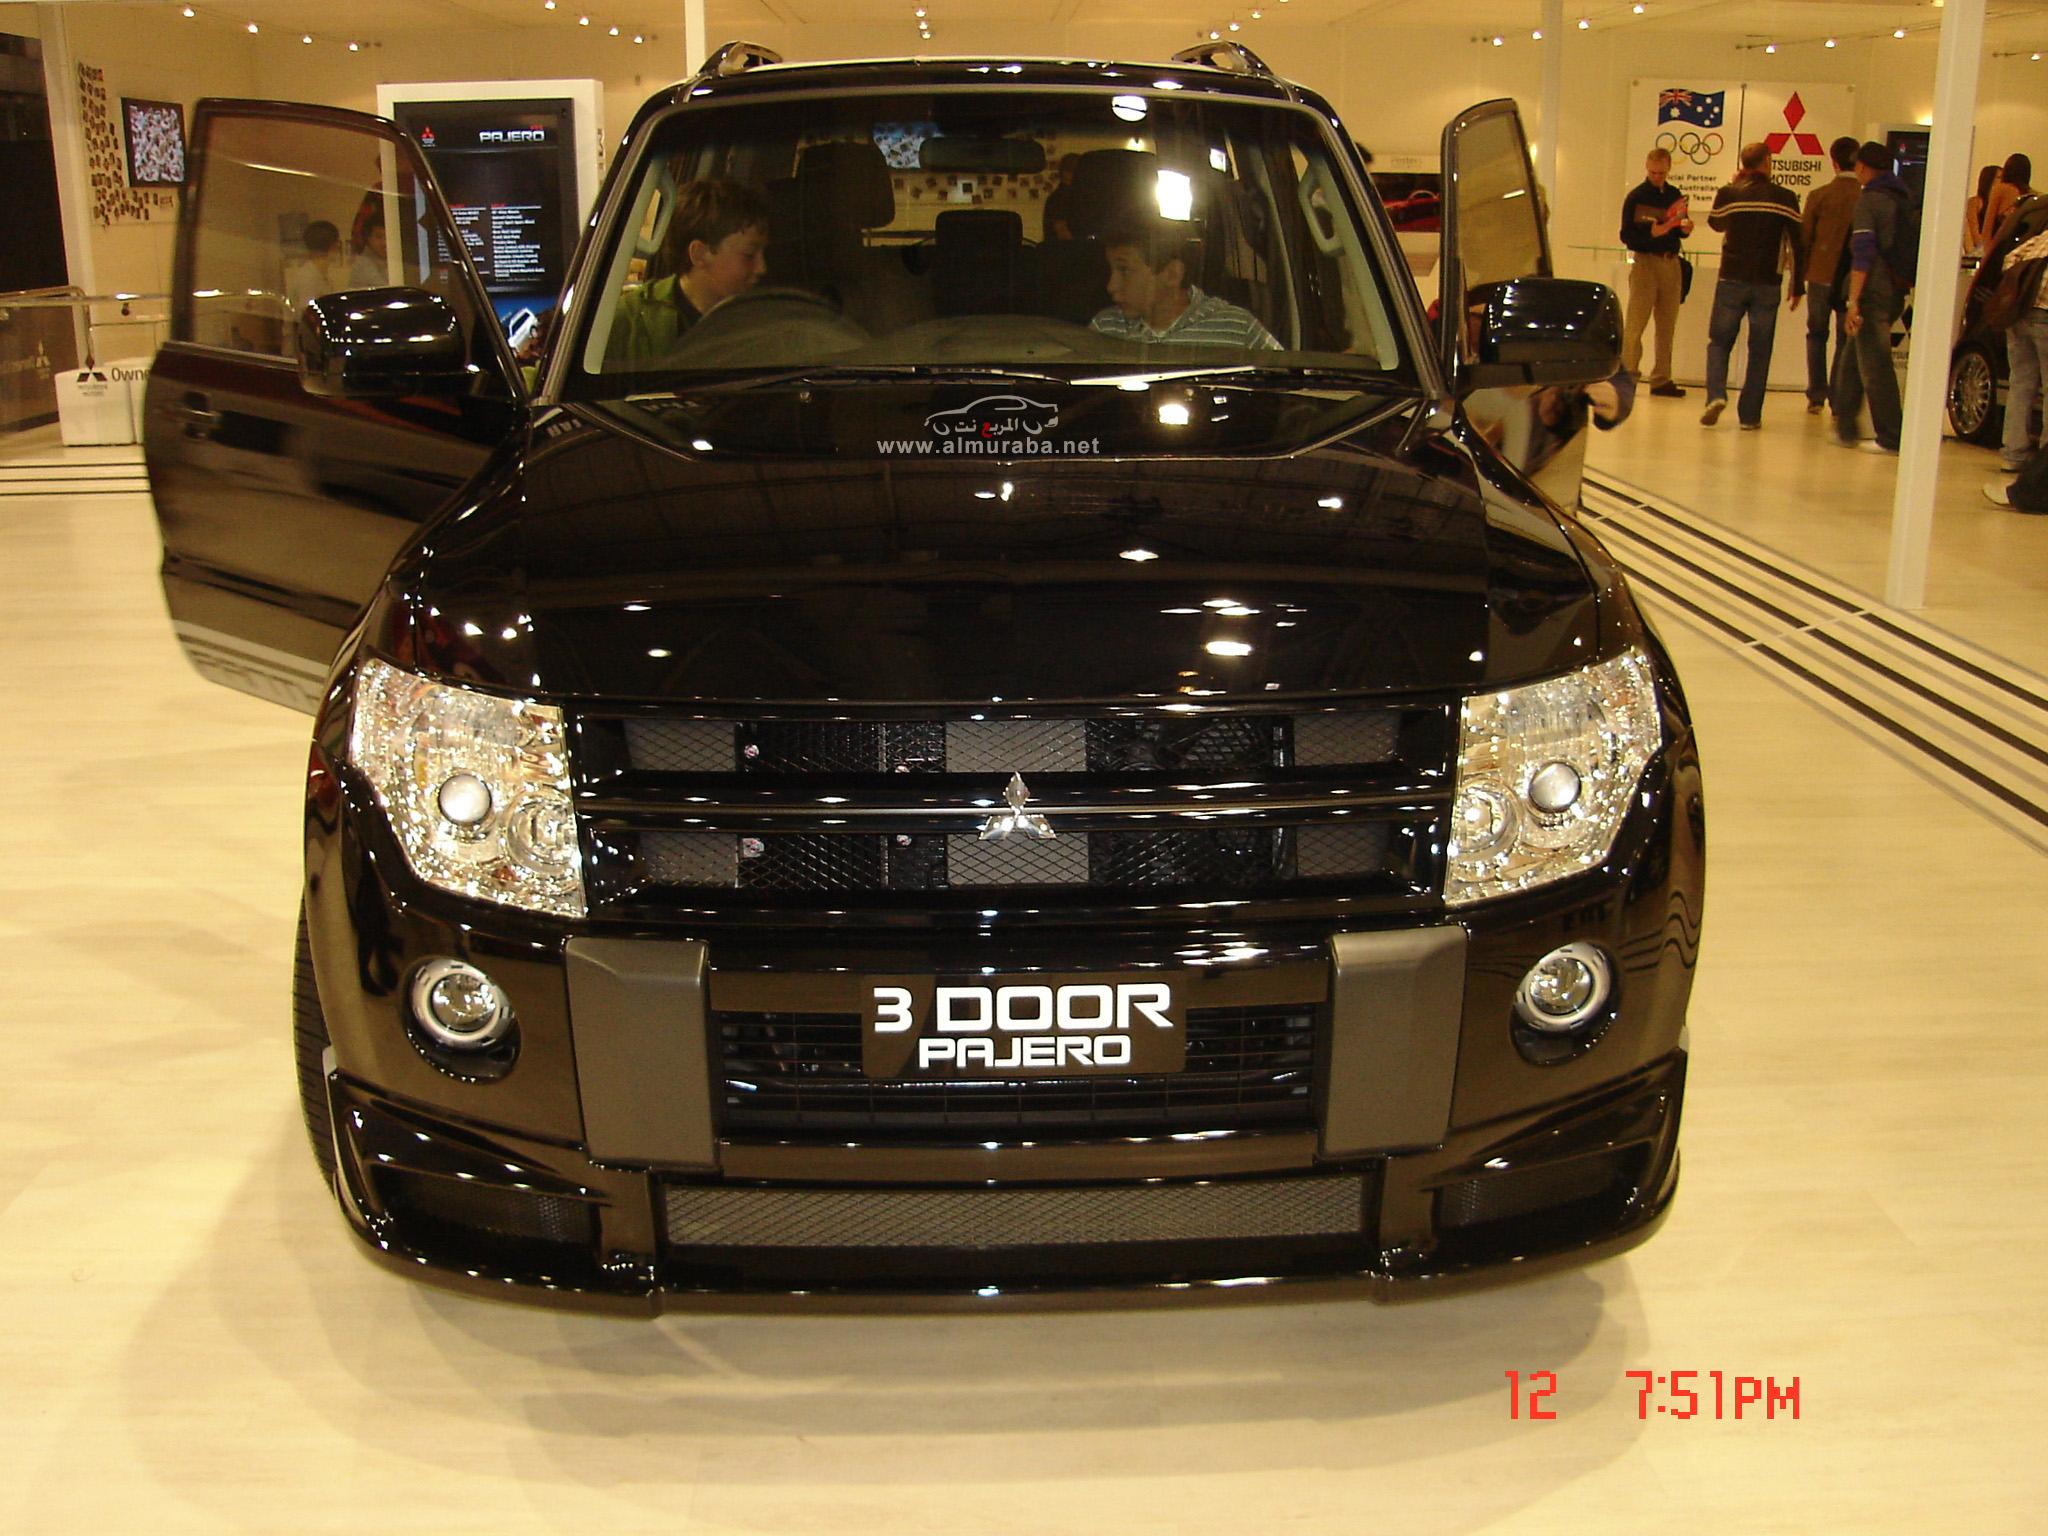 ميتسوبيشي باجيرو 2012 مواصفات واسعار Mitsubishi Pajero 2012